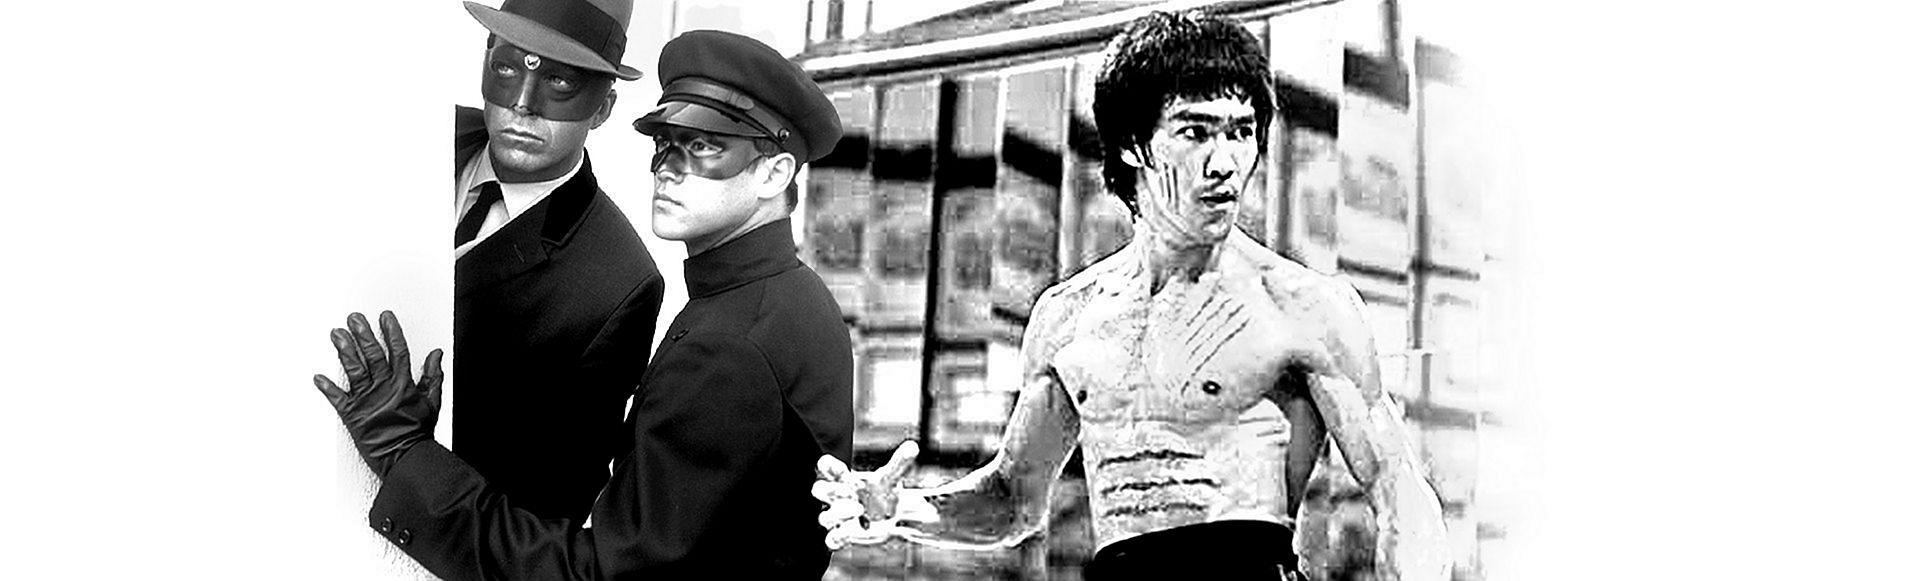 la serie creada por Bruce Lee, Warrior